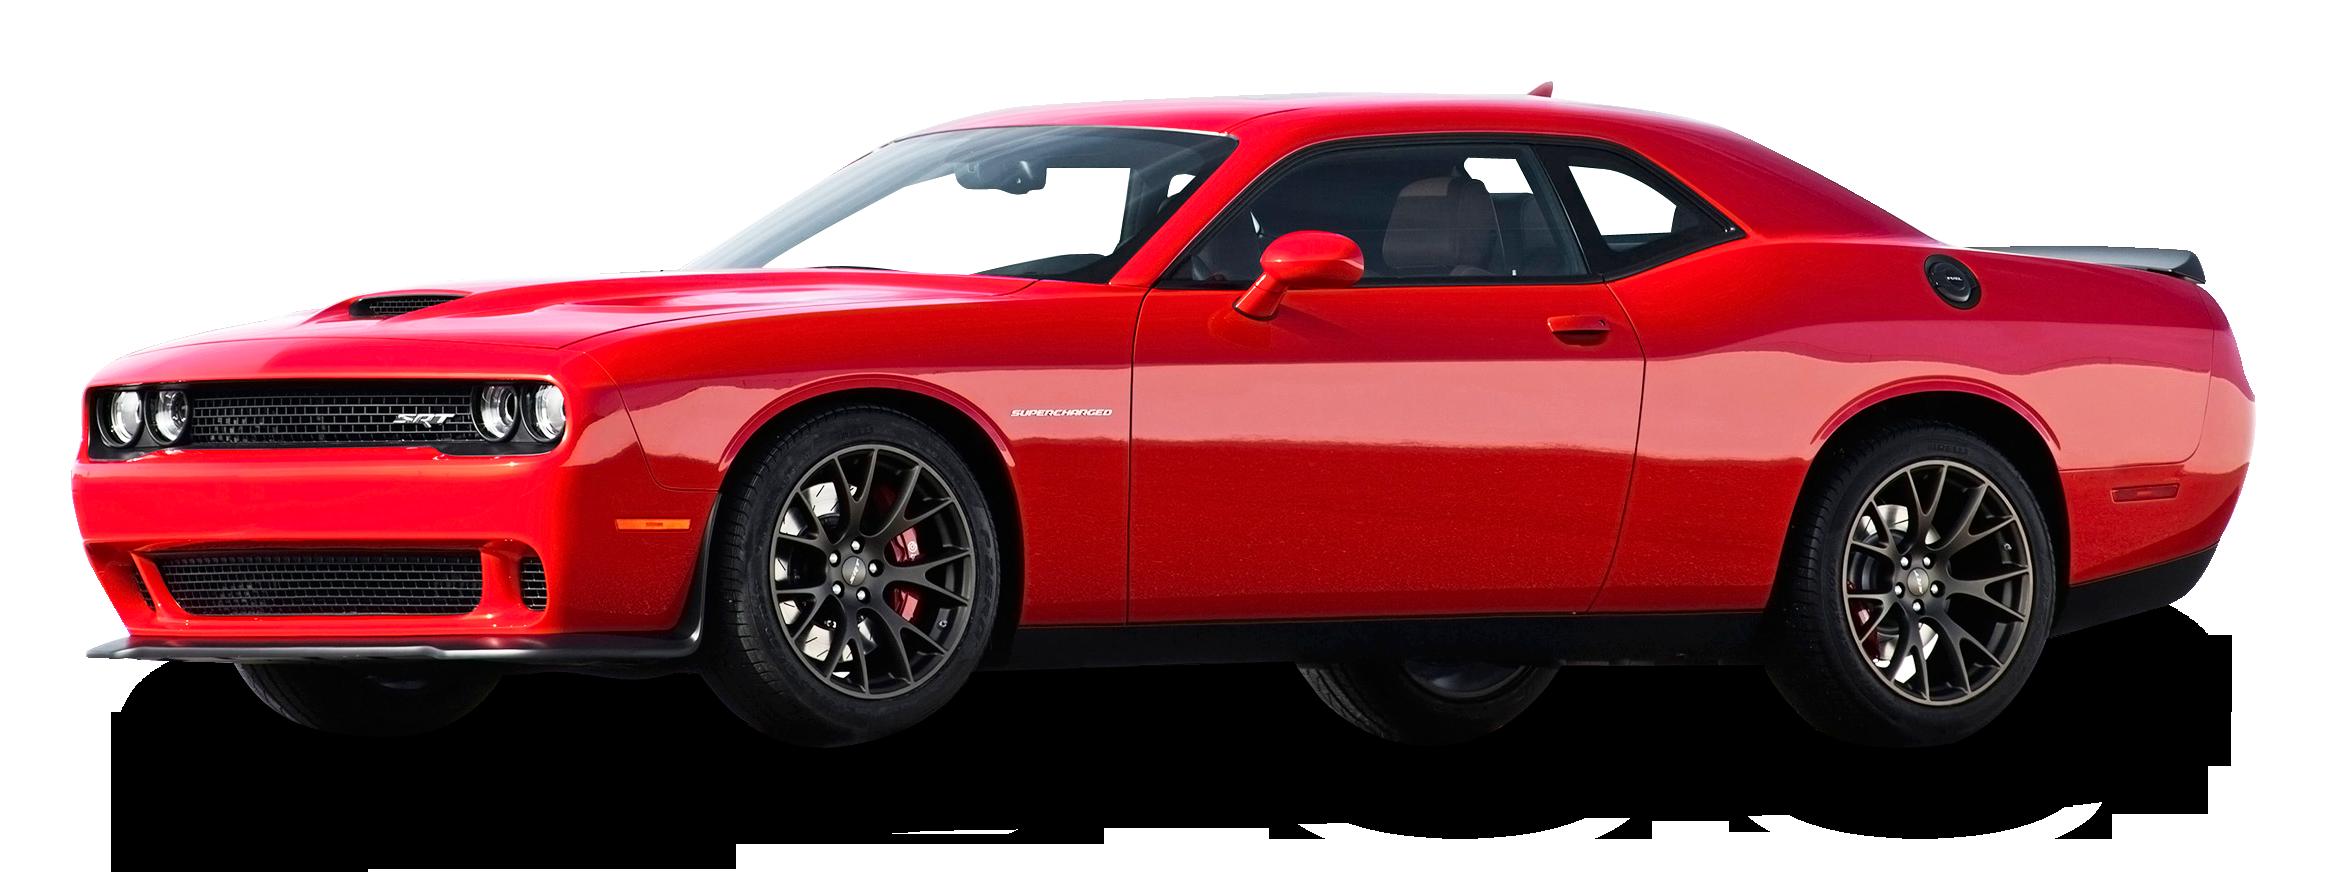 Red Dodge Challenger Car PNG Image.